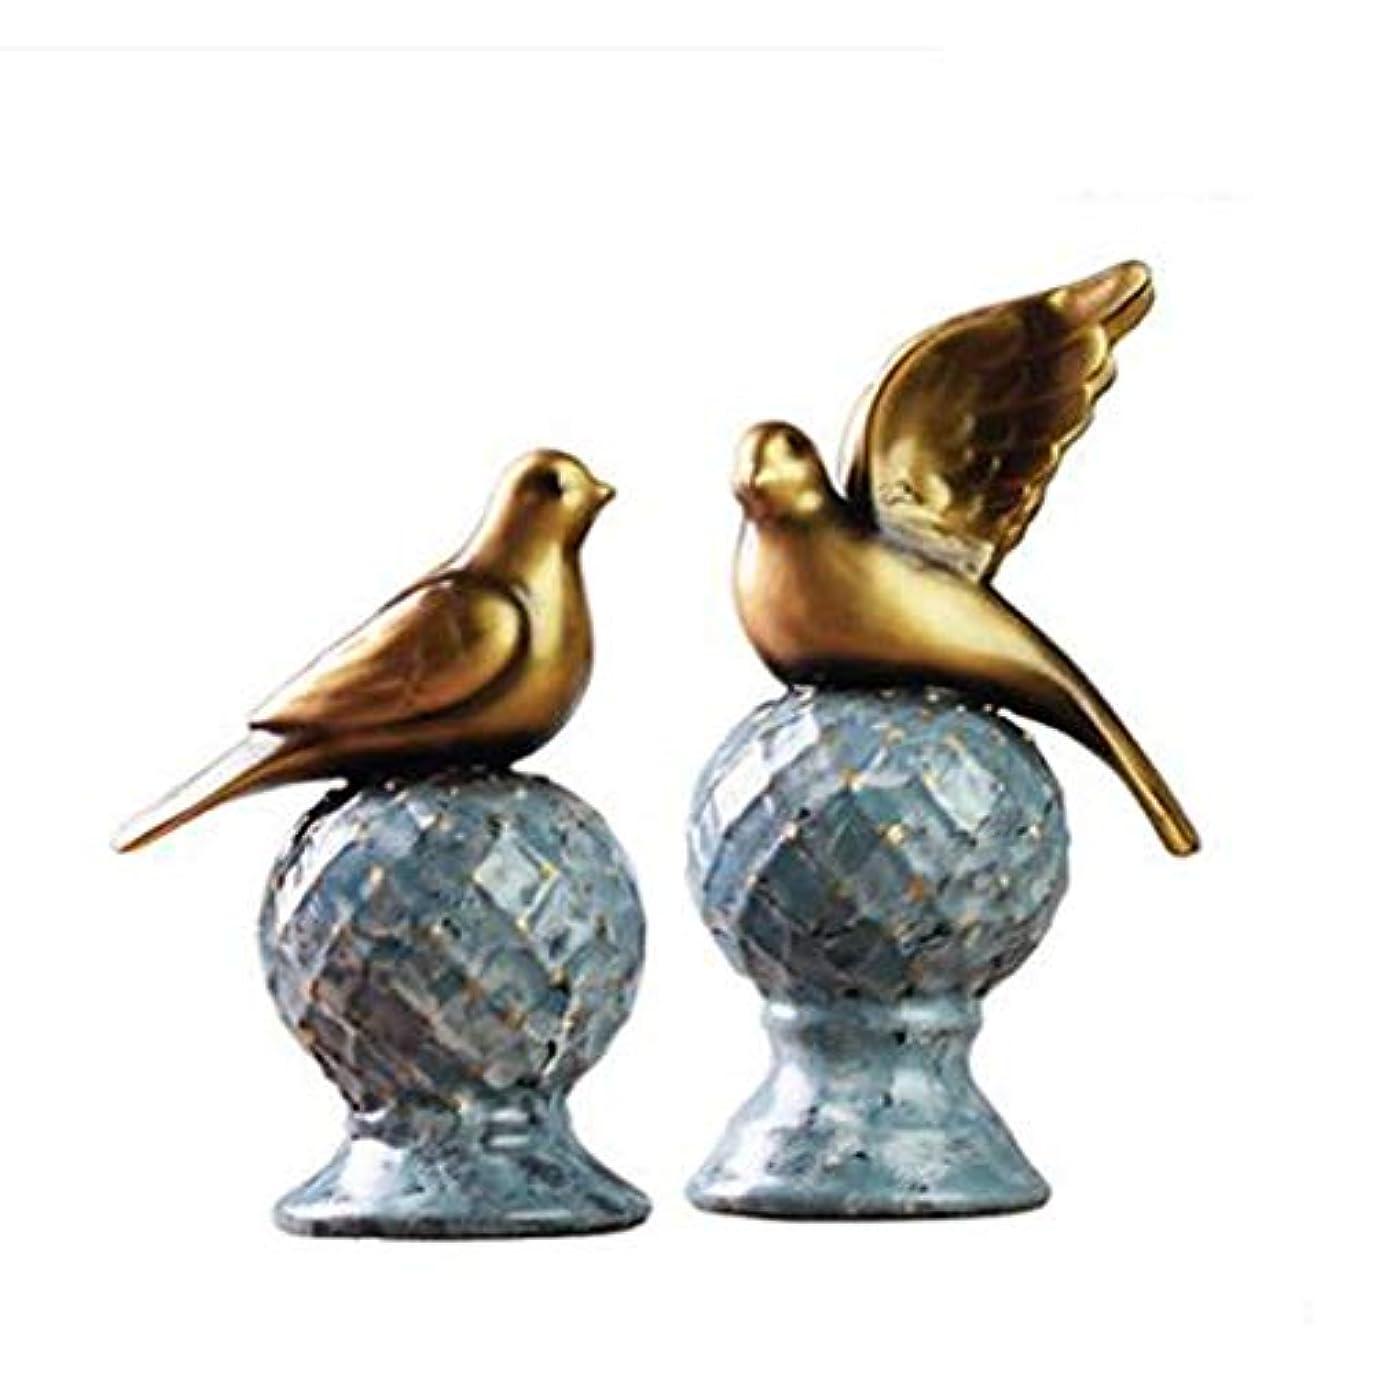 エンコミウム懲戒電話するYougou01 装飾品、装飾品、現代ヨーロッパの居間、ポーチ、樹脂工芸品、アメリカのテレビキャビネット、鳥の陳列 、創造的な装飾 (Color : Gold)